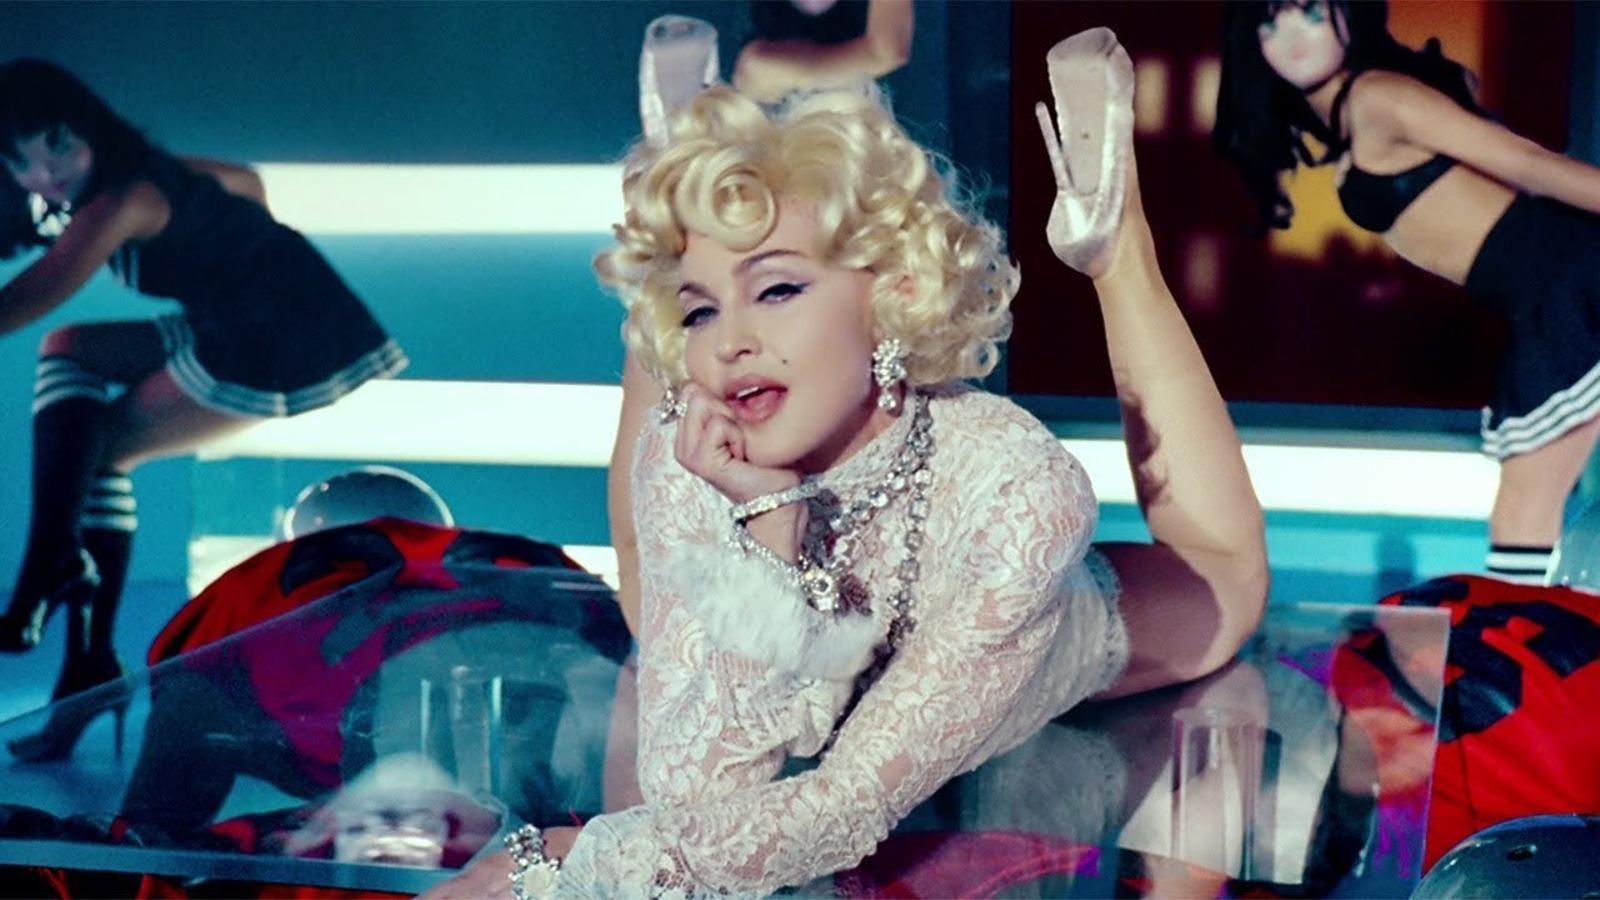 Videoclip de 'Give me all your luvin'',  de Madonna